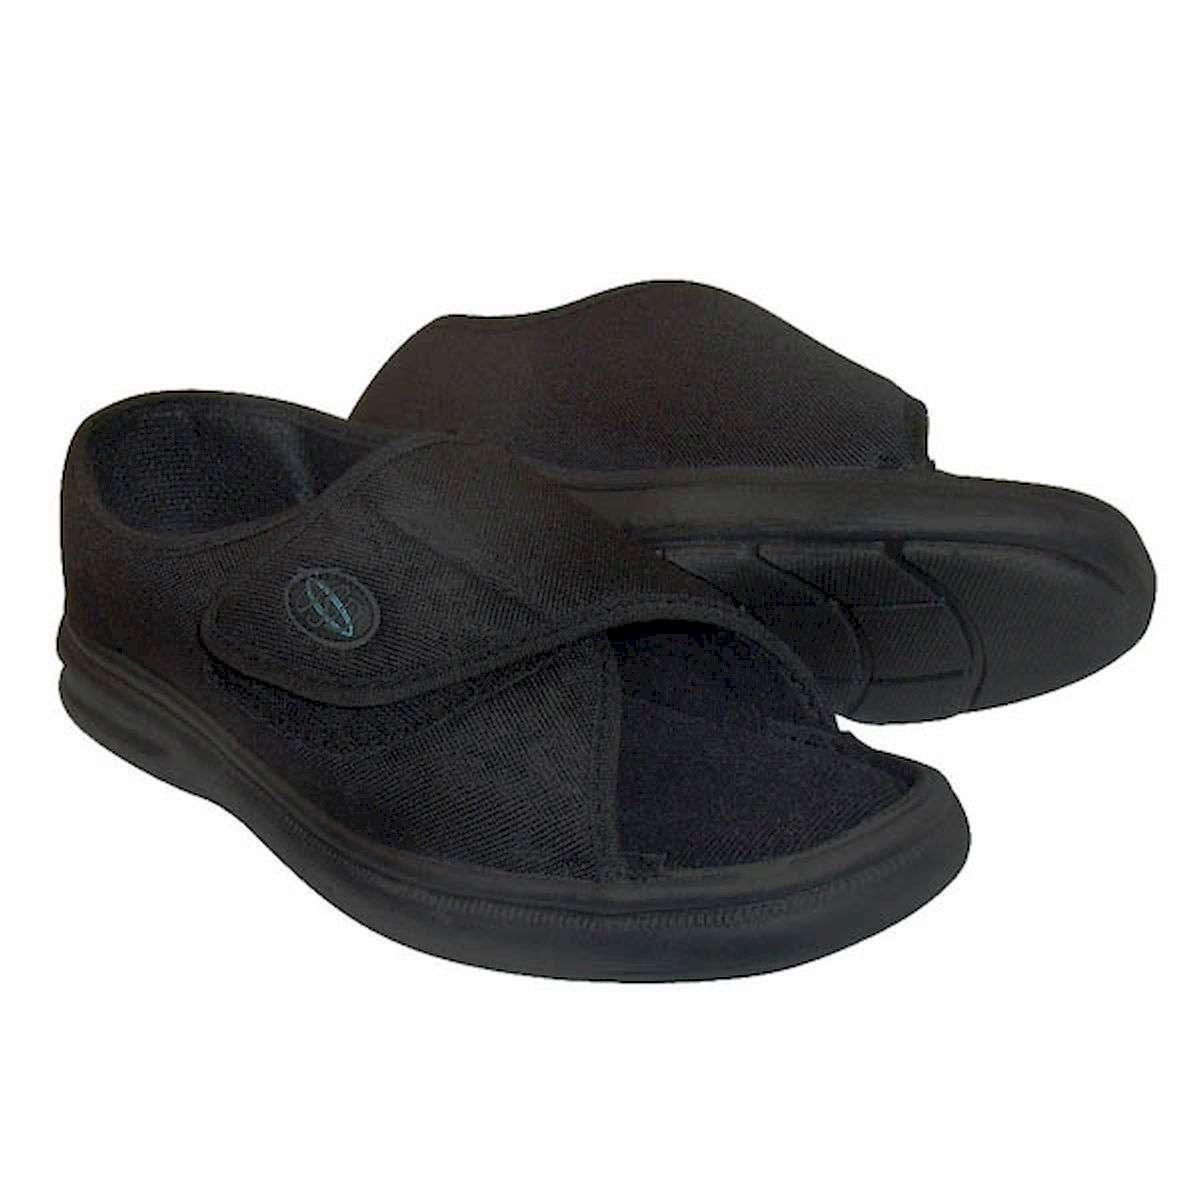 Обувь послеоперационная Manarola